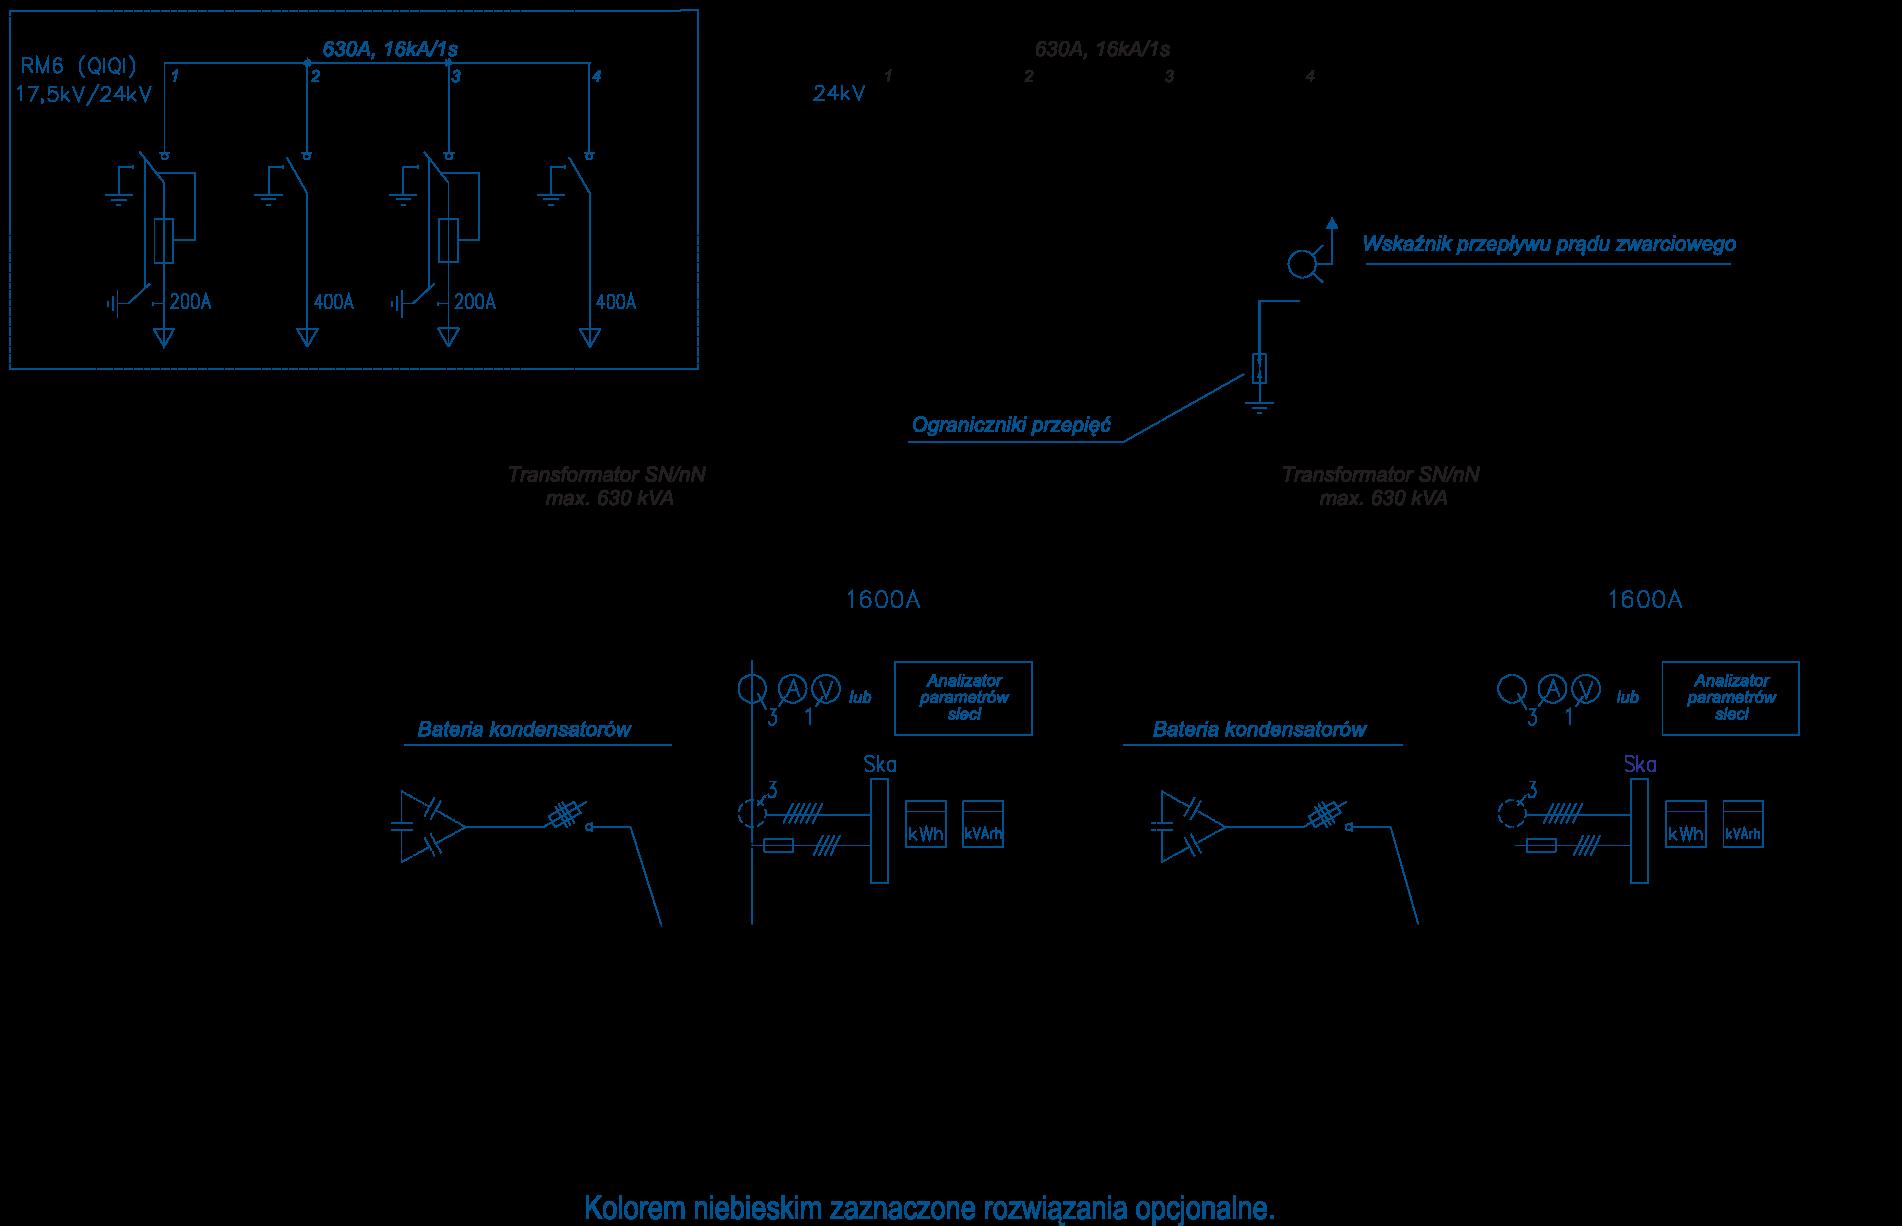 Schemat stacji transformatorowej BEK 250/600